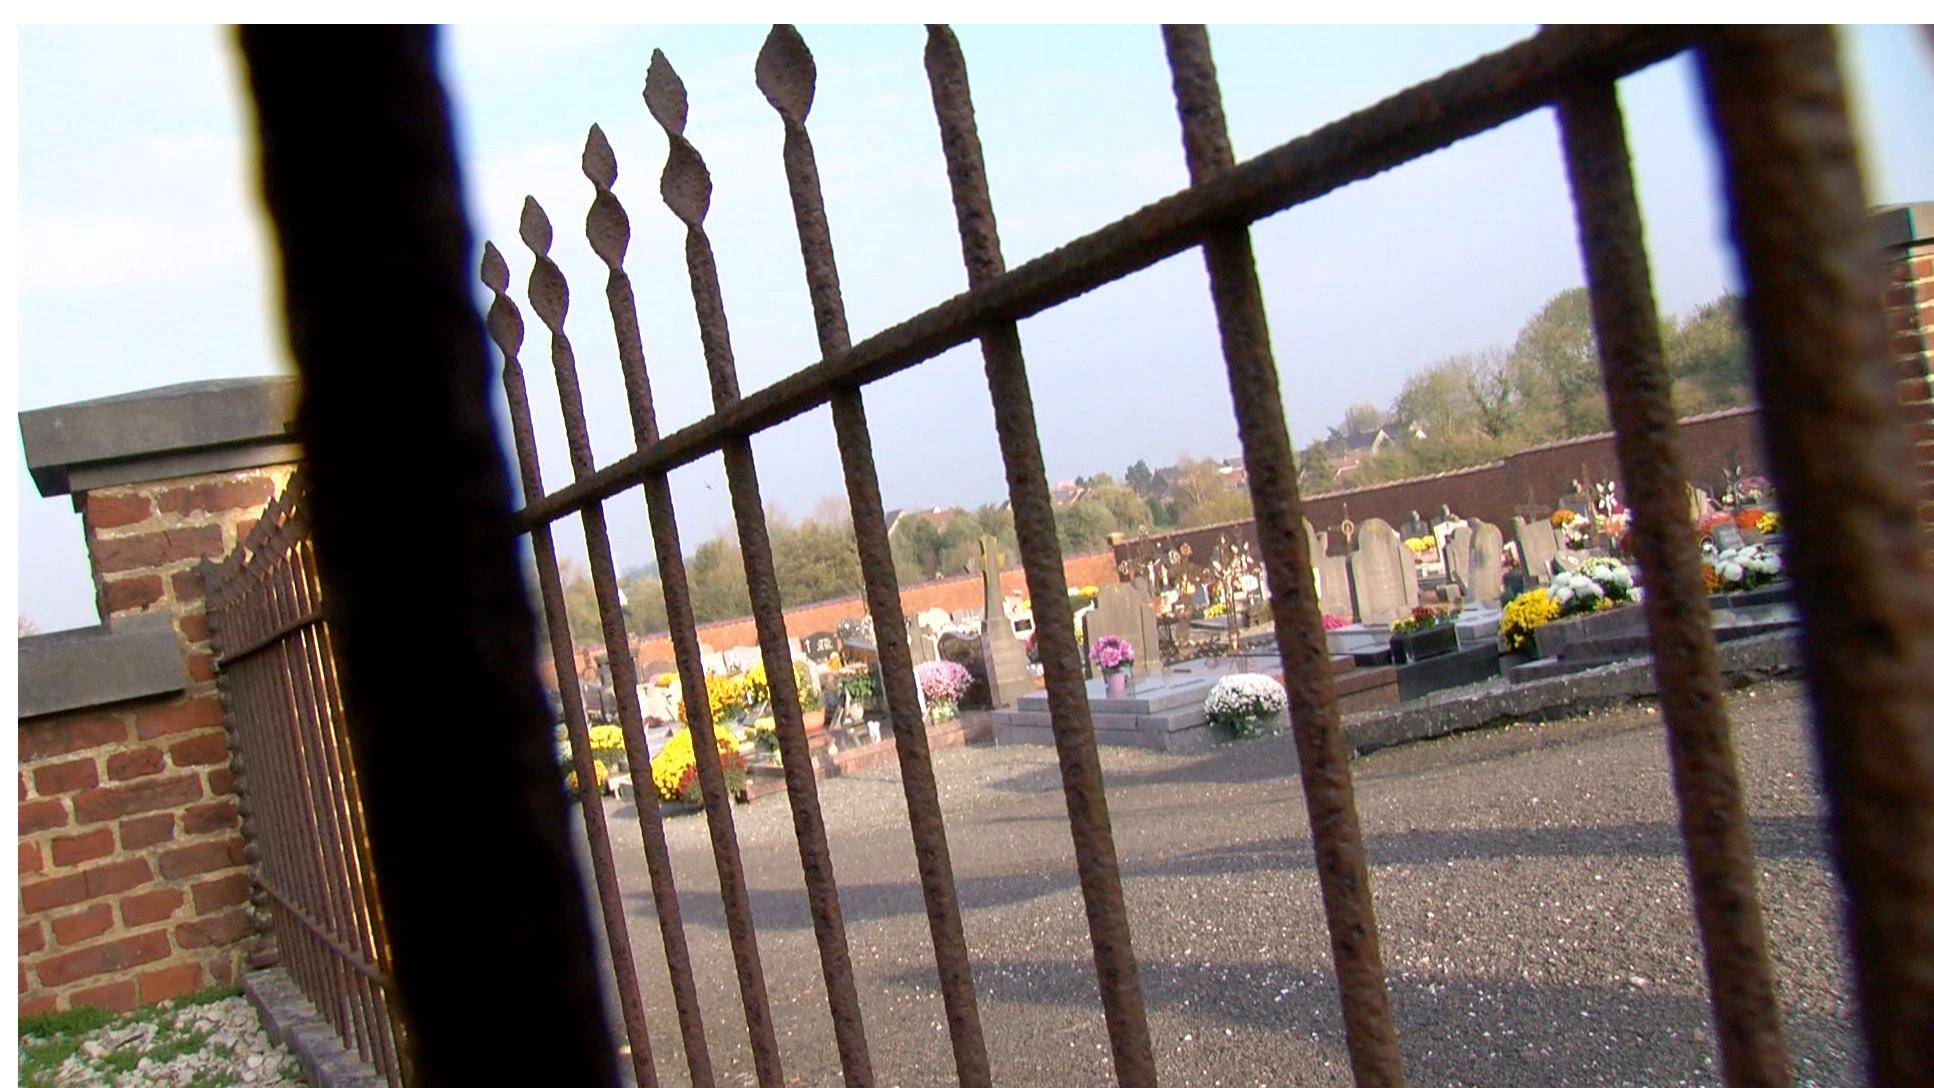 295 000 euros de subsides wallons pour onze cimetières de Wallonie picarde